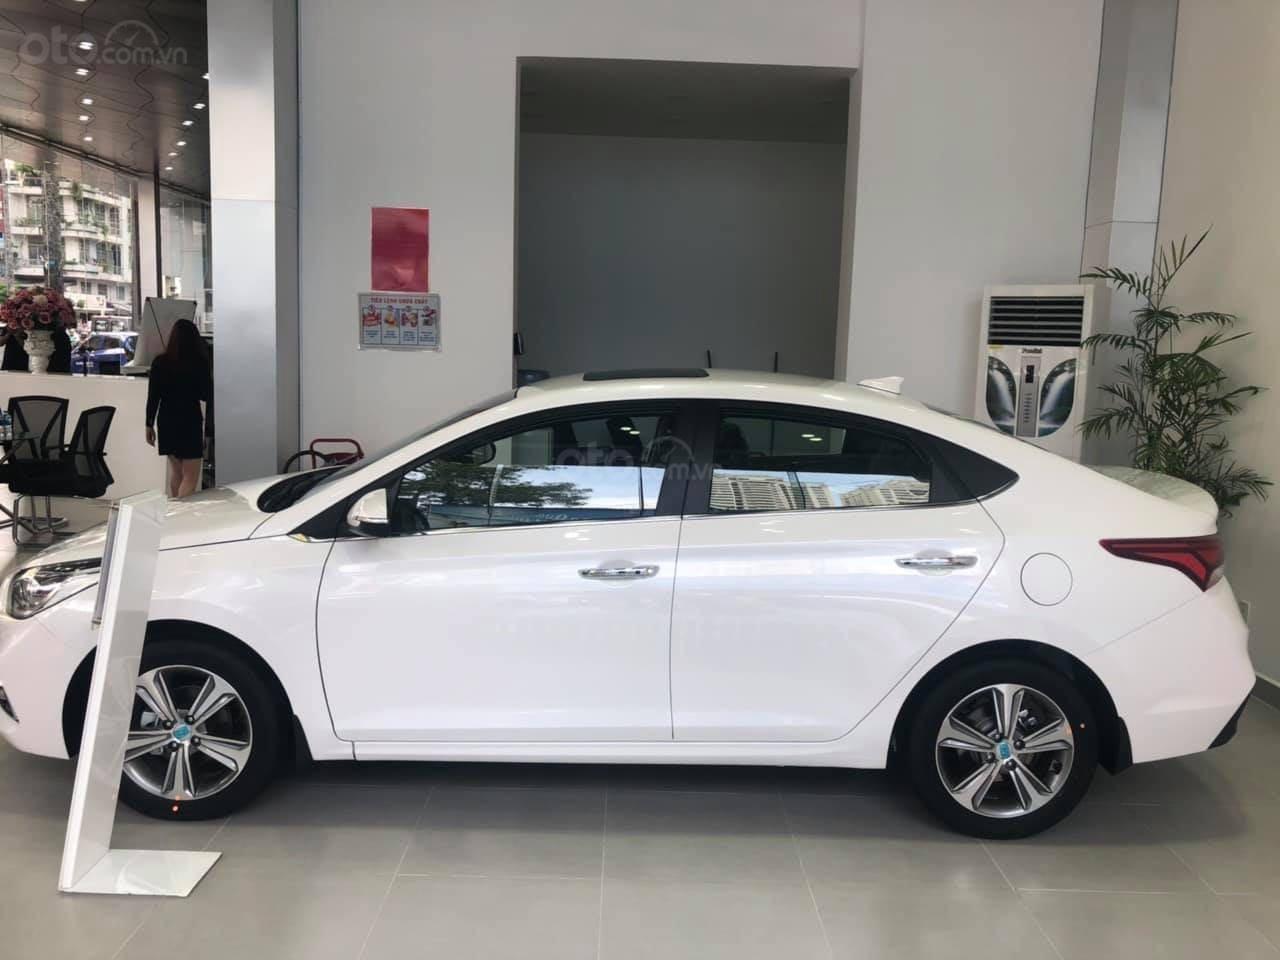 Cần bán Hyundai Accent đời 2019, màu trắng nhập khẩu, giá 430 triệu đồng (2)